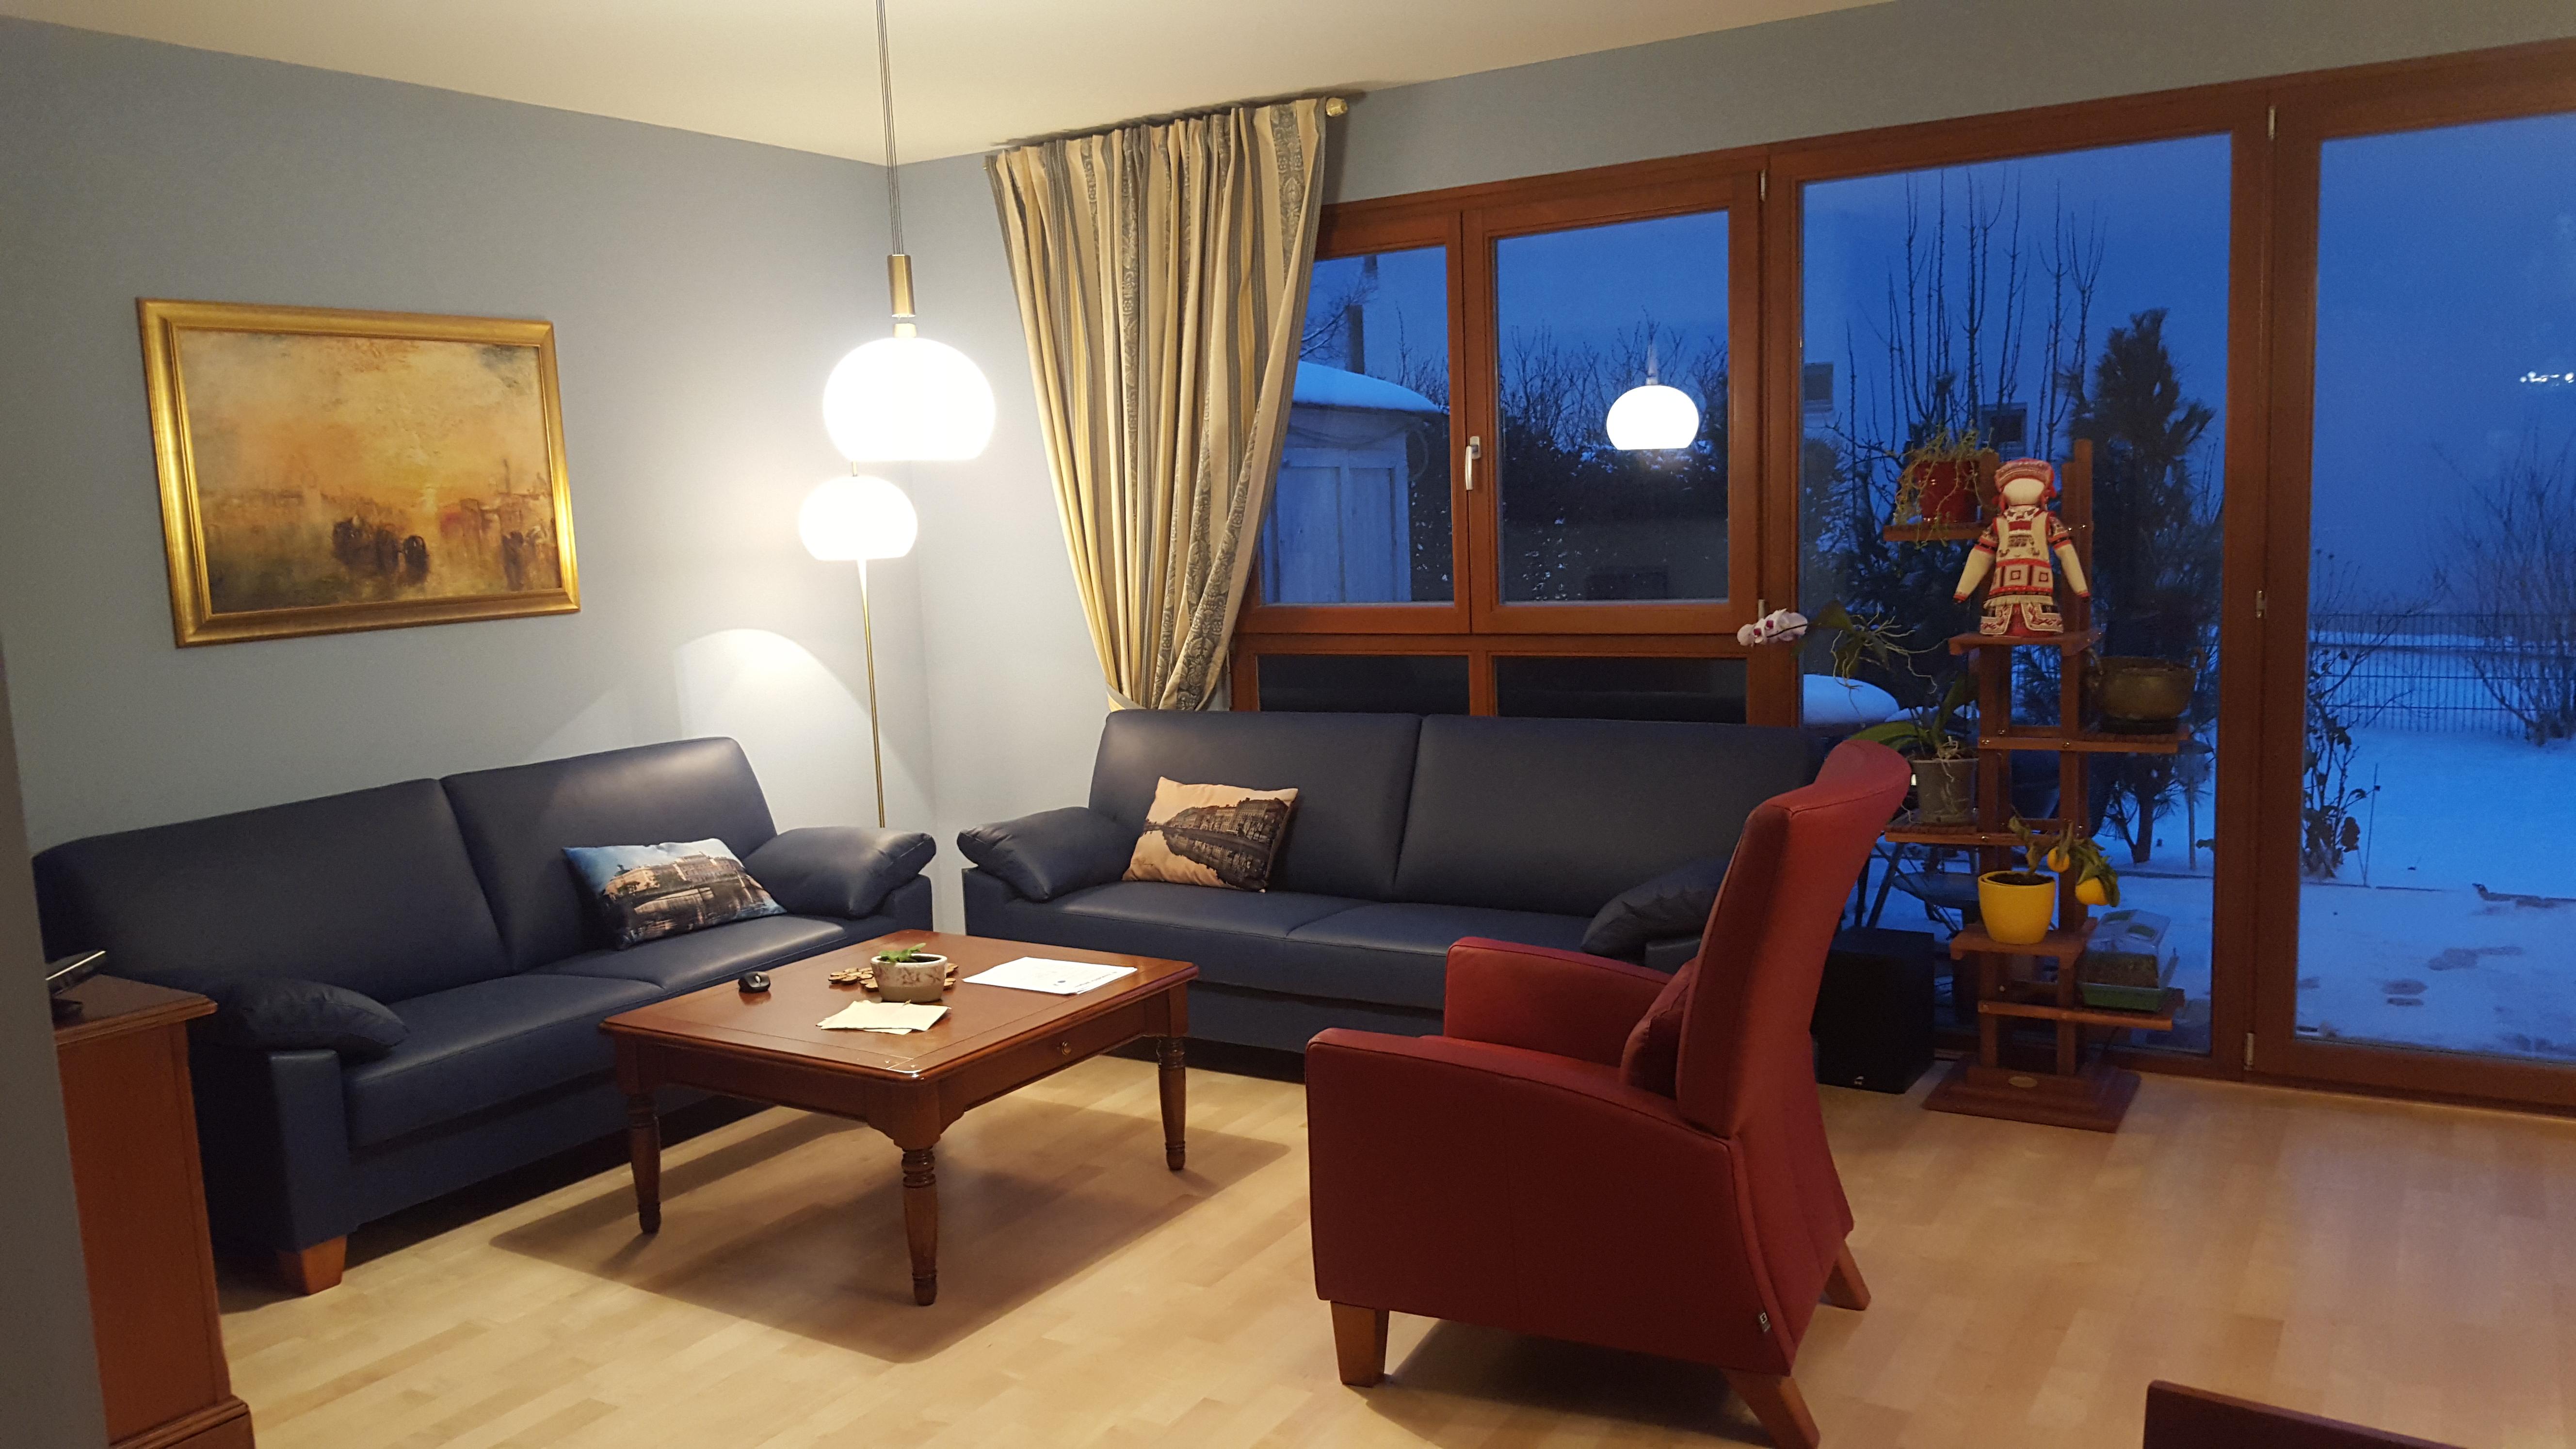 reihenhaus in m nchen einrichtungsberatung dilshener blog. Black Bedroom Furniture Sets. Home Design Ideas